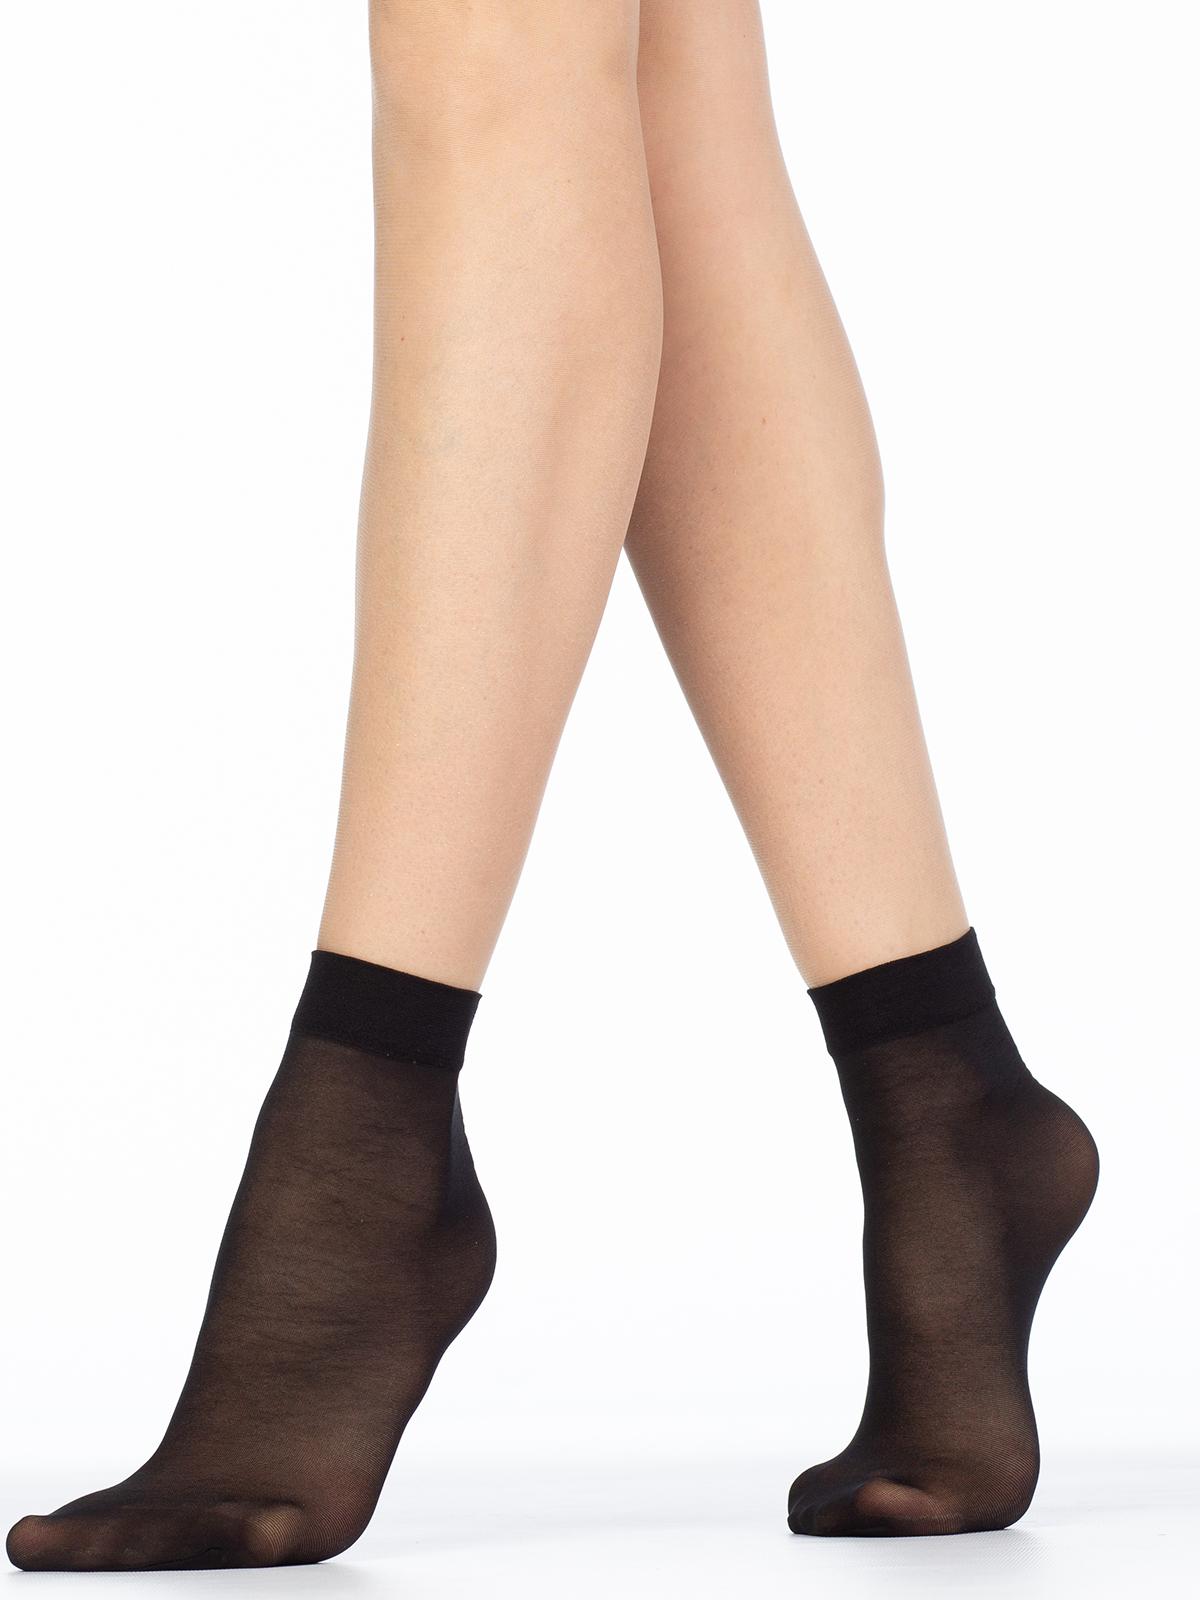 Капроновые носки женские Giulia EASY 40 lycra (2 п.) бежевые UNI